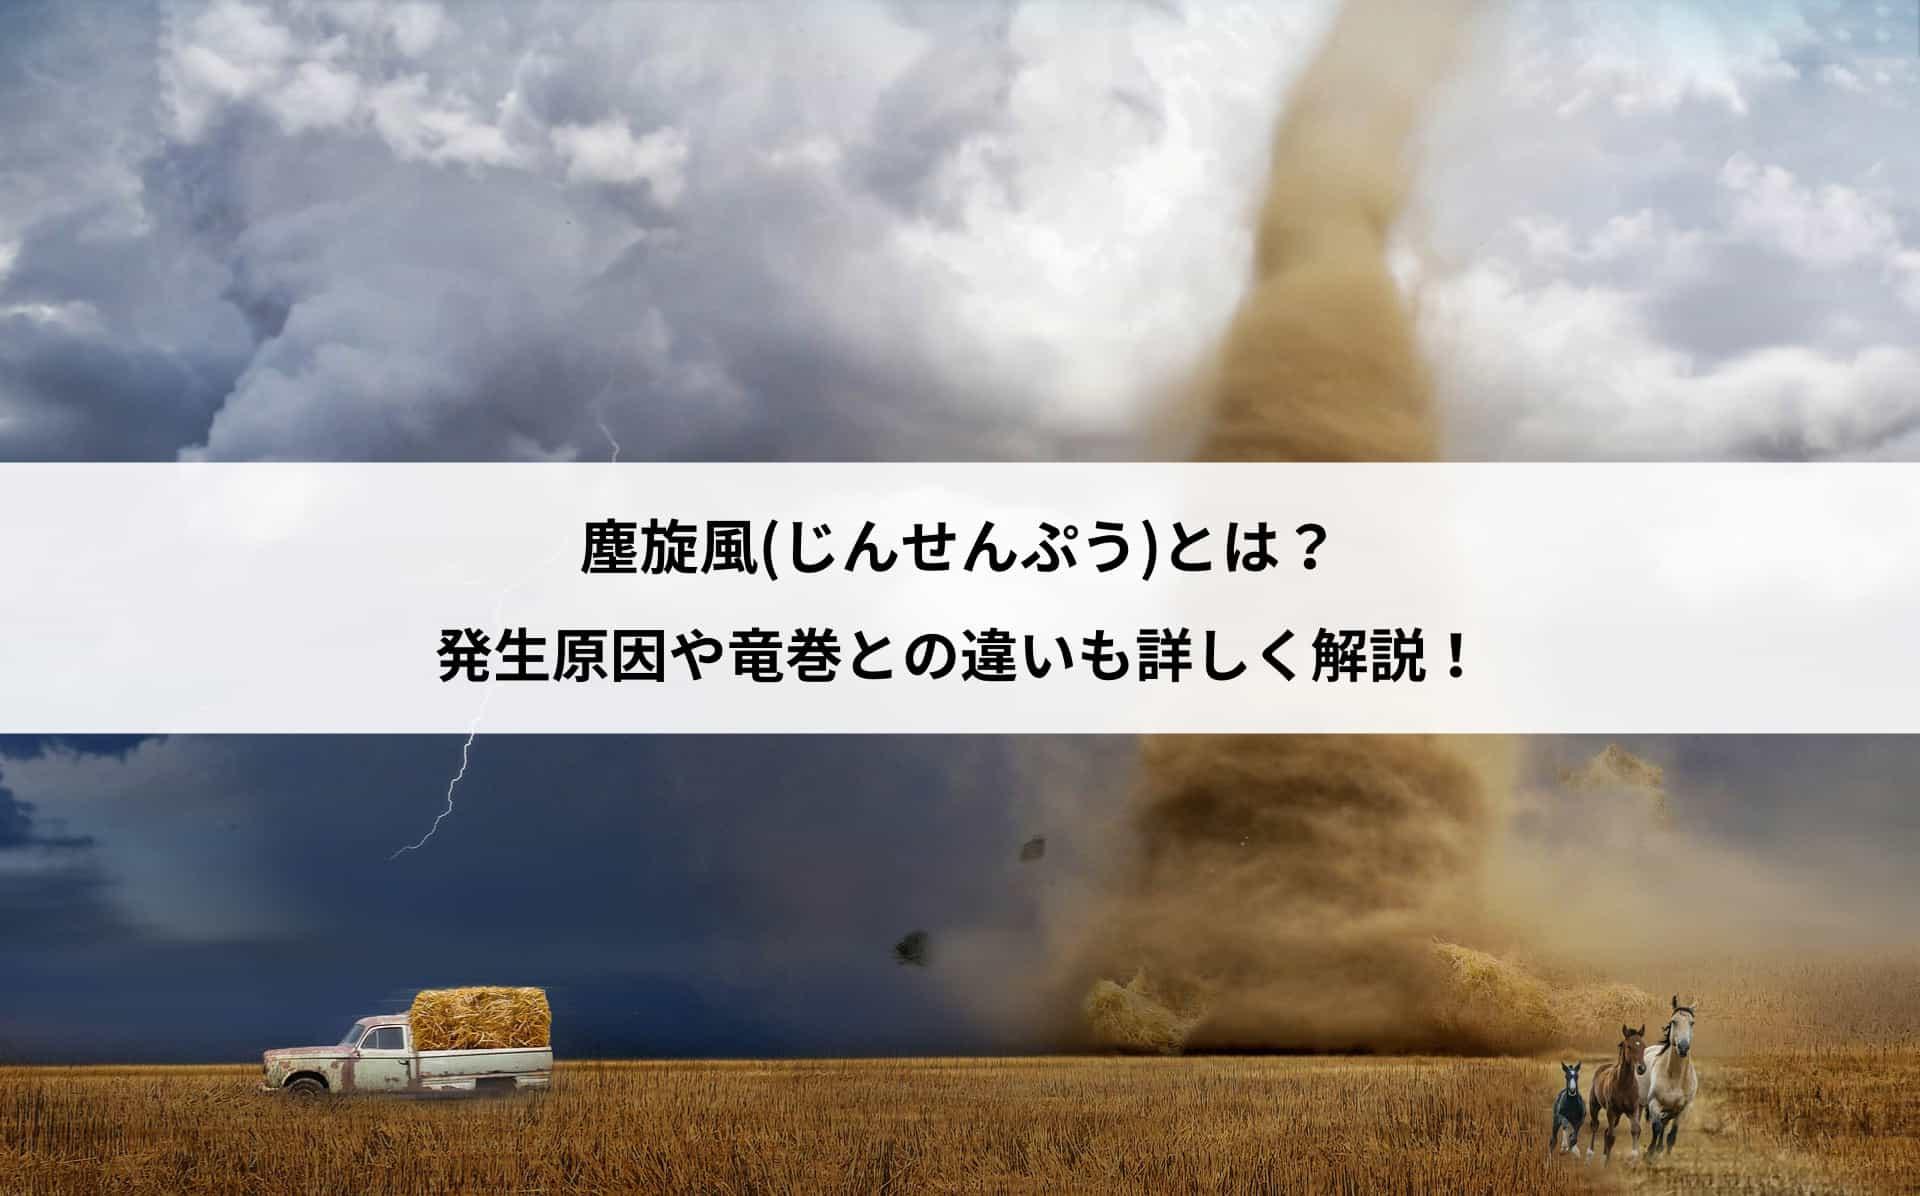 塵旋風(じんせんぷう)とは?発生原因や竜巻との違いも詳しく解説!